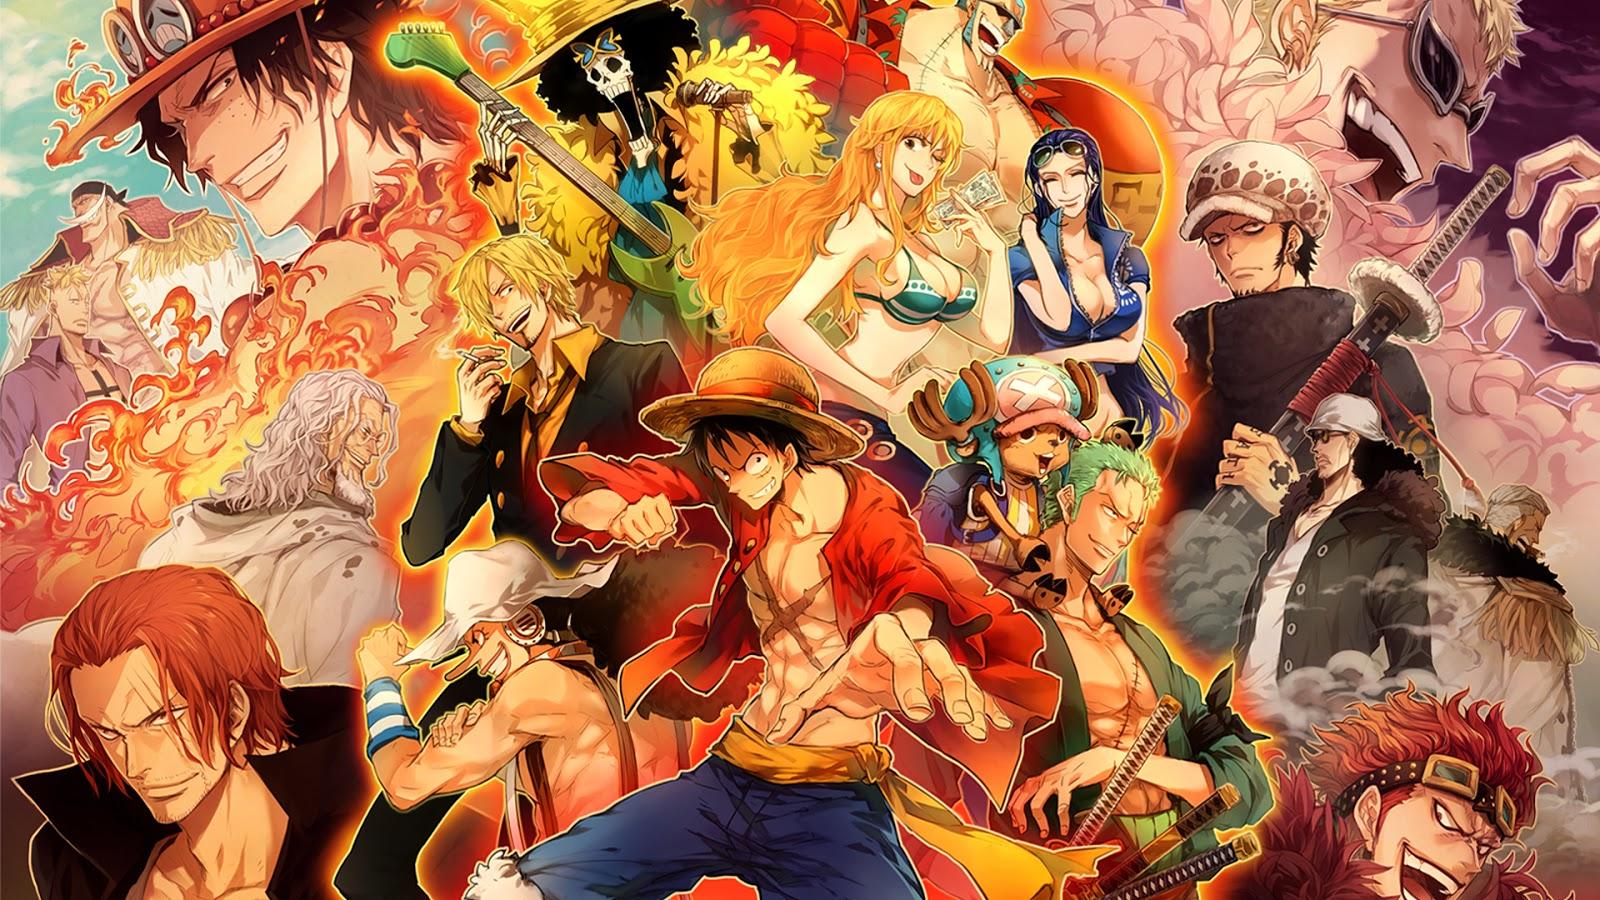 Kumpulan Wallpaper One Piece Terbaru Kumpulan Gambar Meme Lucu